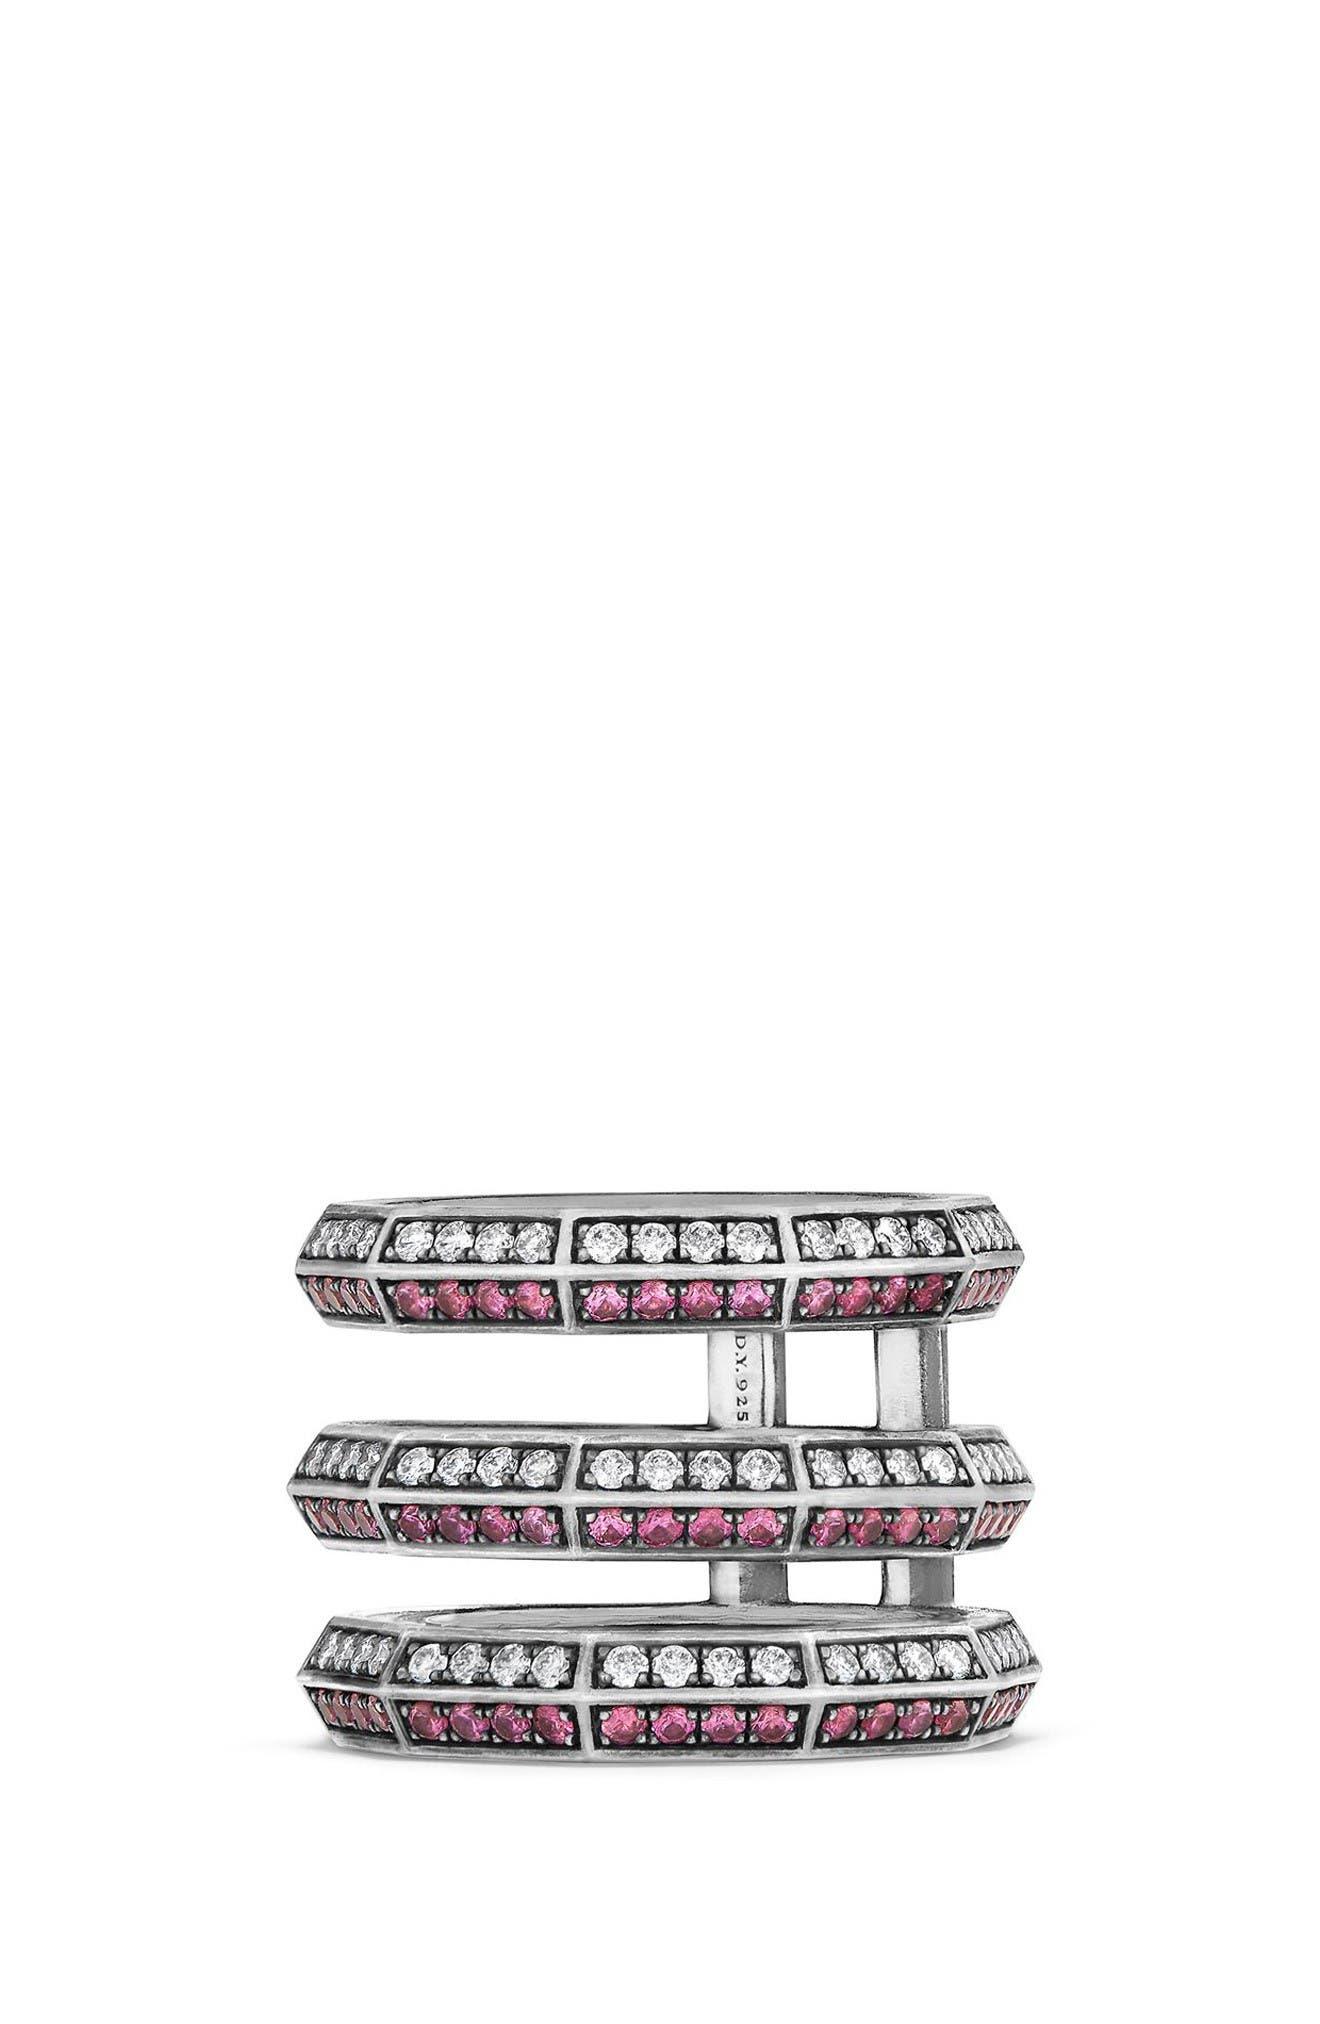 David Yurman Stax 3-Row Ring